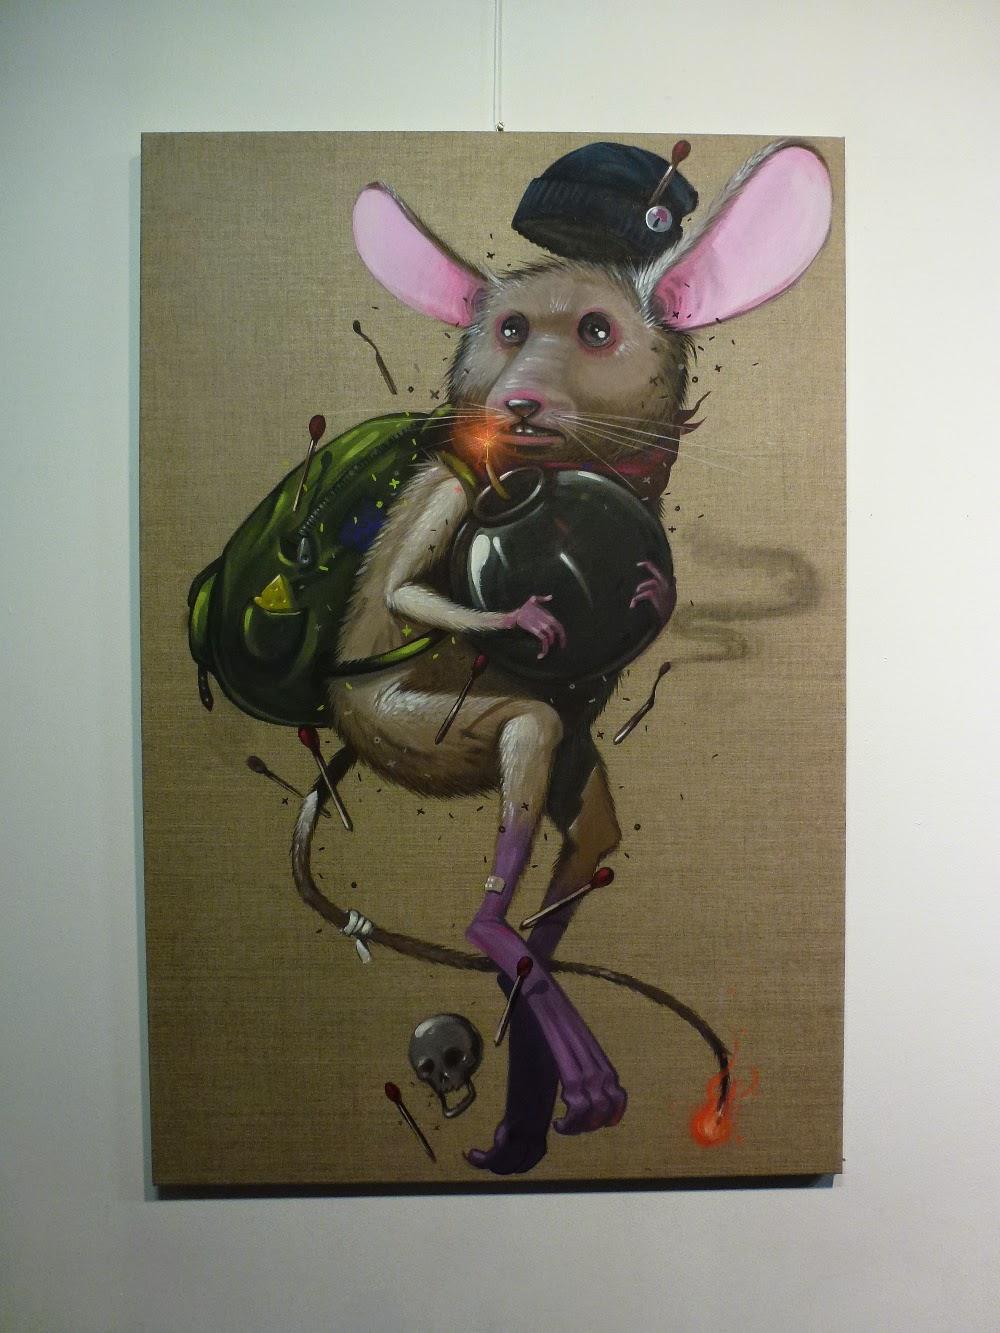 Acryl-Malerei von Mr. Woodland bei der behance portfolio show